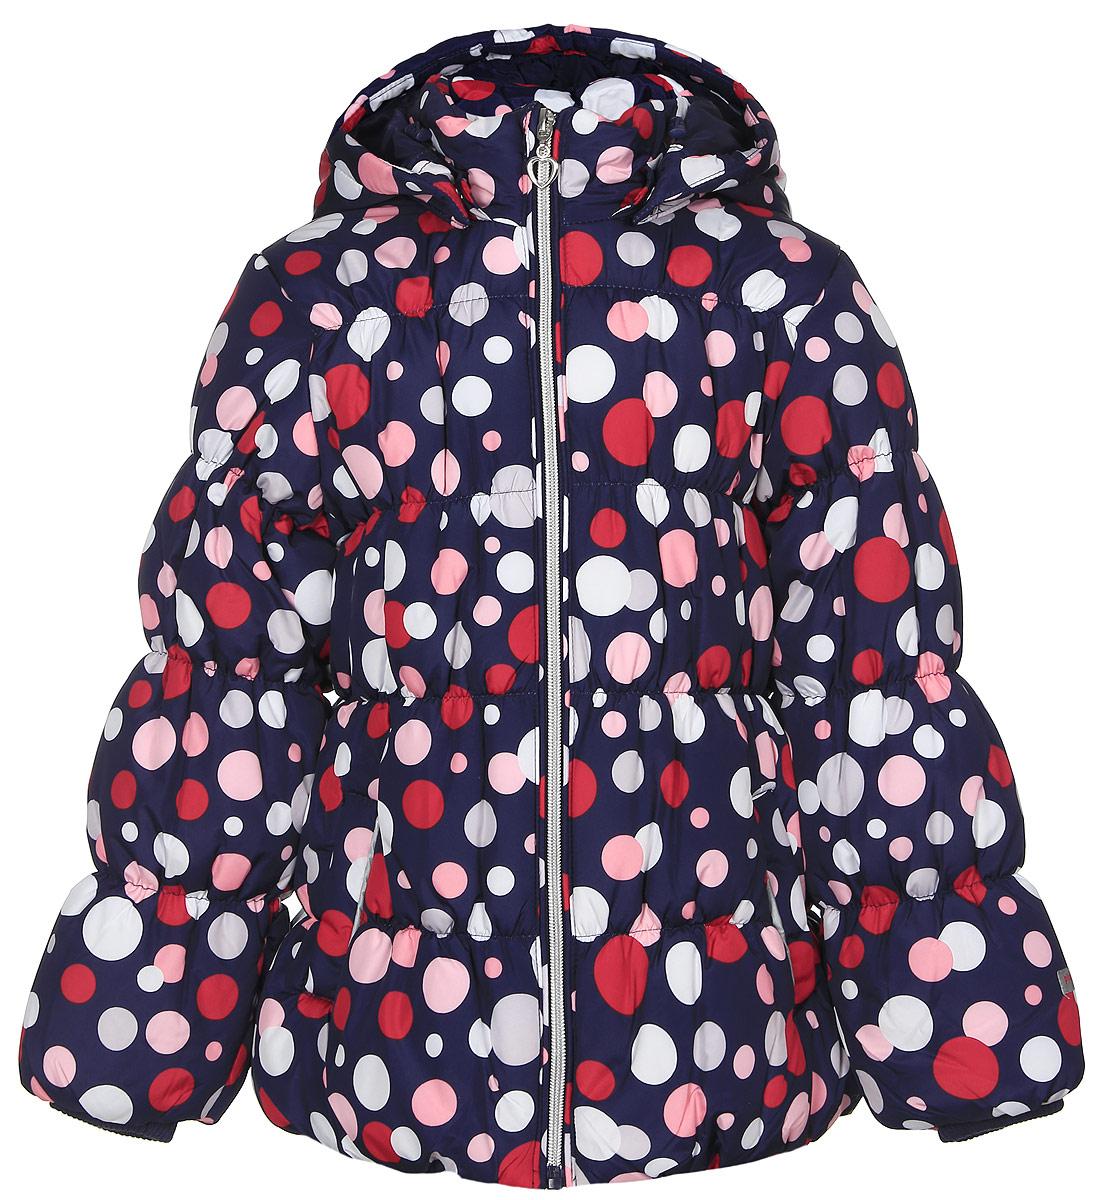 362001Теплая куртка для девочки PlayToday выполнена из качественного полиэстера с наполнителем из синтепона (260 г/м2). Застегивается модель на молнию с защитой подбородка и фигурным пуллером в виде сердечка. На рукавах вшиты трикотажные манжеты. Капюшон прикрепляется к куртке при помощи кнопок и утягивается стопперами. Спереди куртка дополнена двумя втачными карманами с защитными клапанами на липучках. Украшено изделие ярким принтом в горошек.